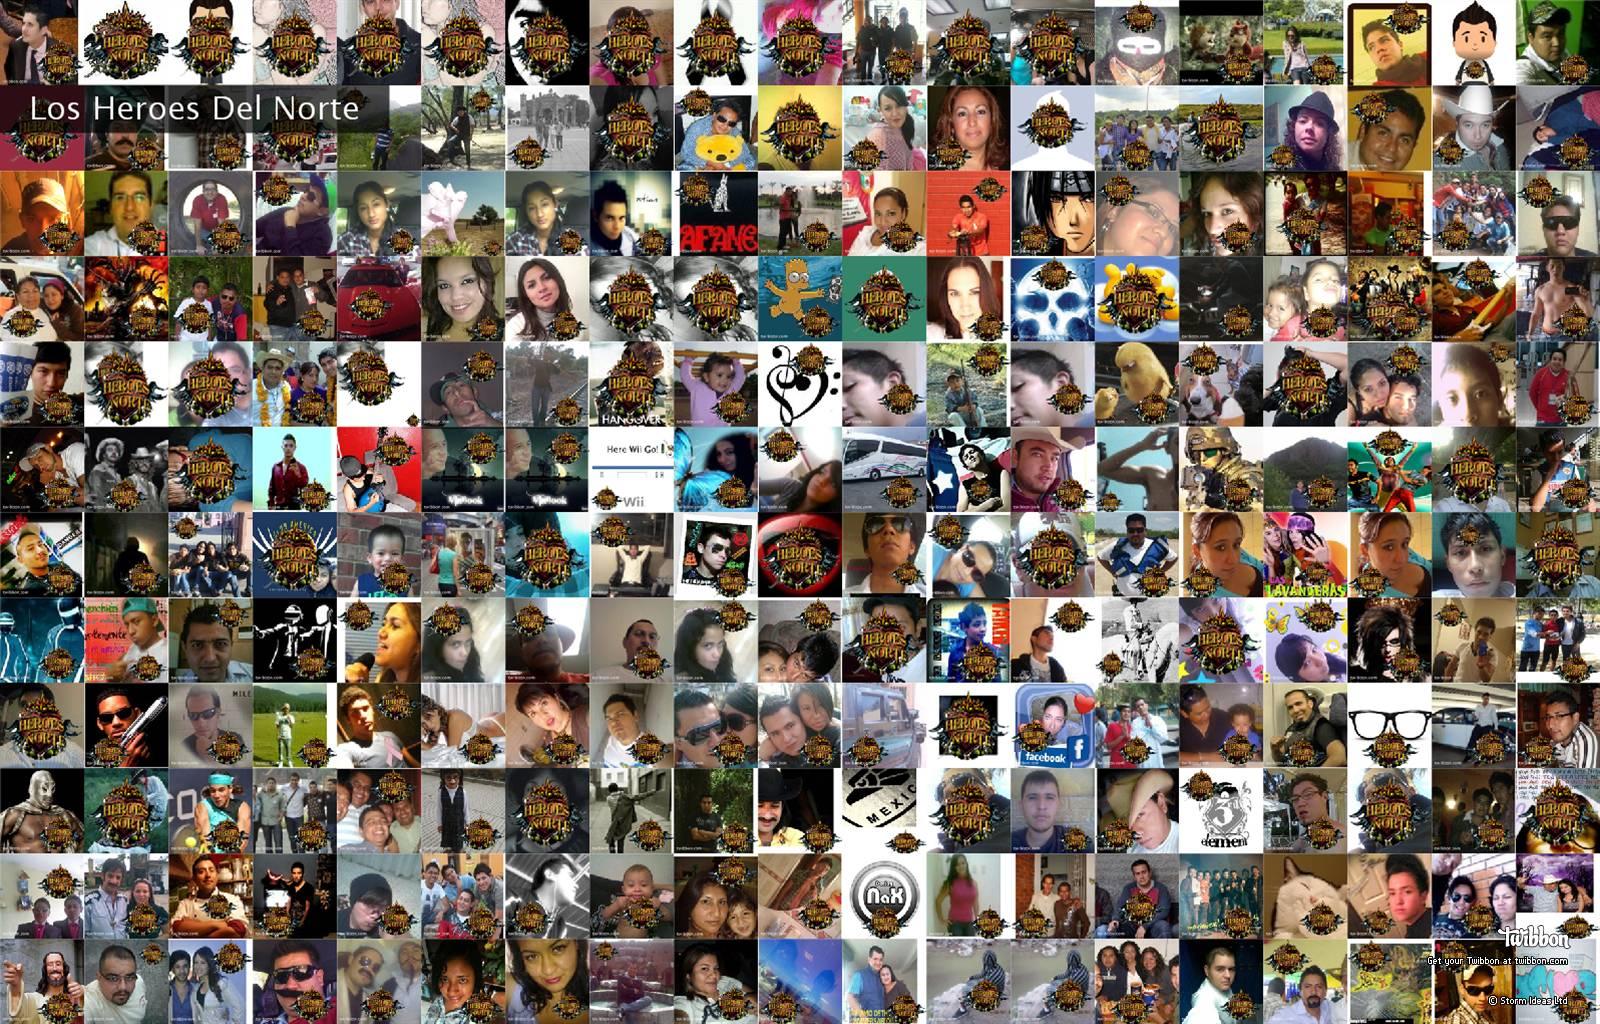 Los Heroes Del Norte - Resources - Los Heroes Del Norte Twibute 250